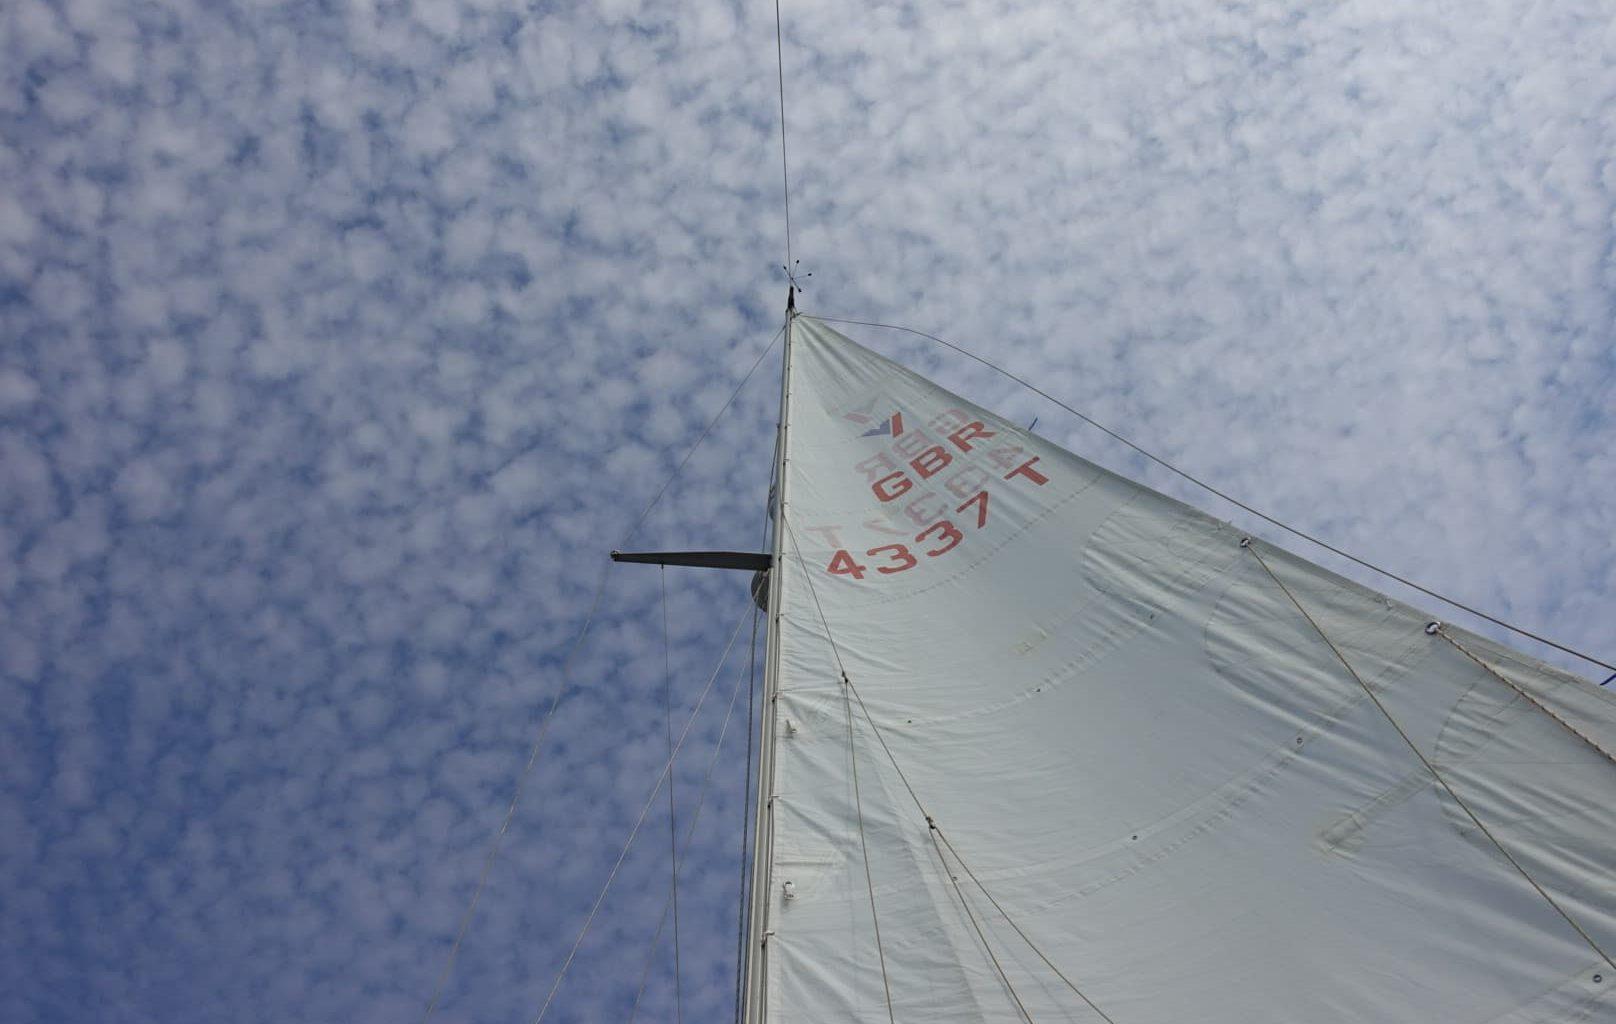 Sailing Boat Main Sail And Sky